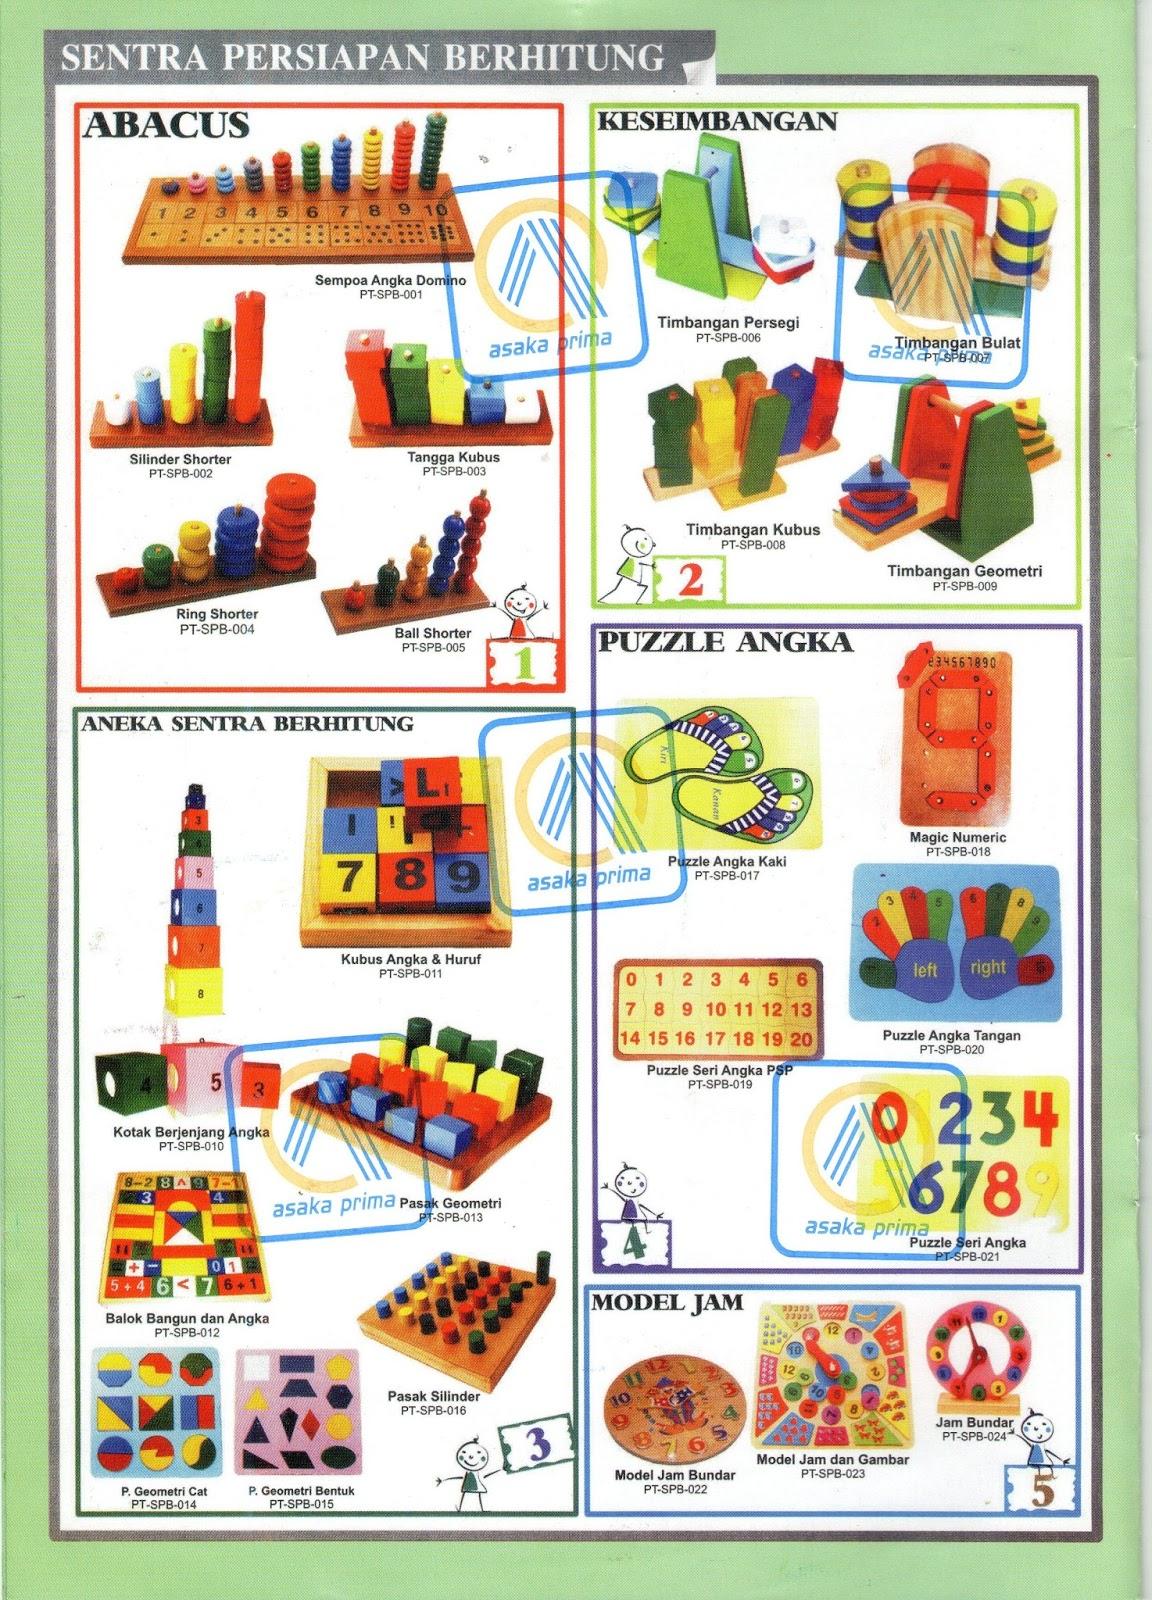 sentra persiapan berhitung,puzzle,puzle,ape,mainan edukatif,bkb kit,kie kit,dak paud,juknis dak paud 2013